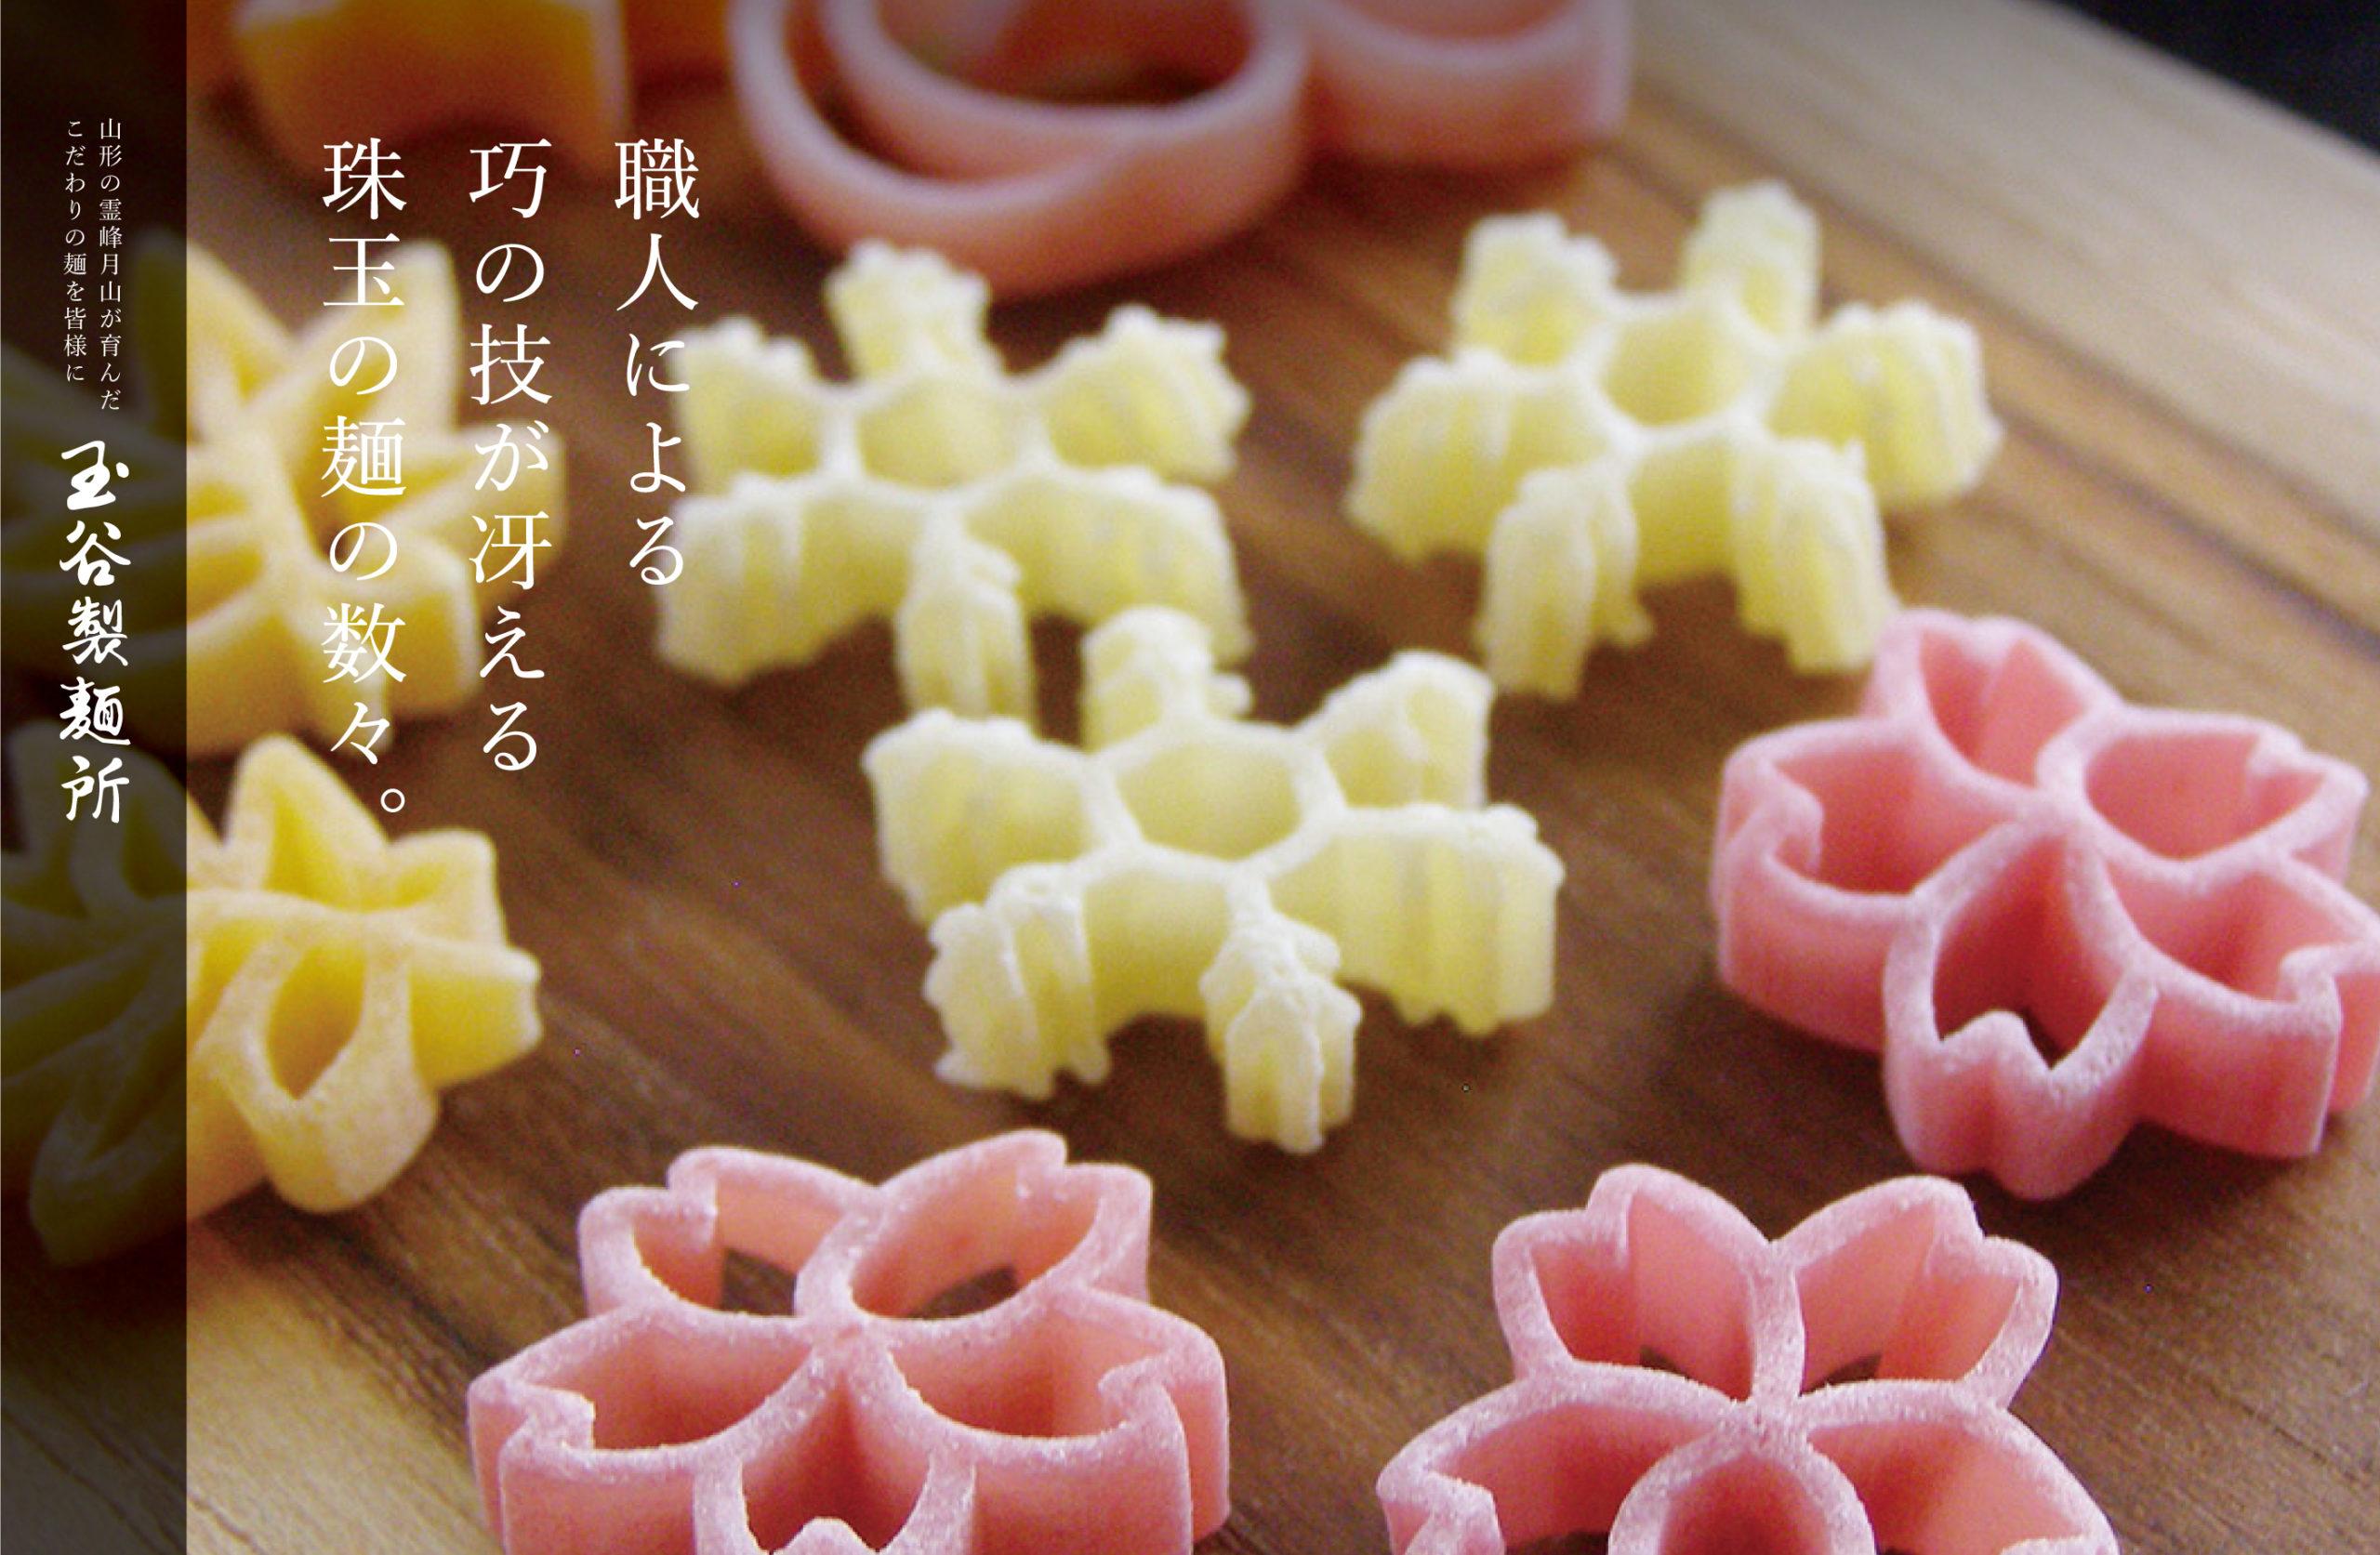 sakura pasta